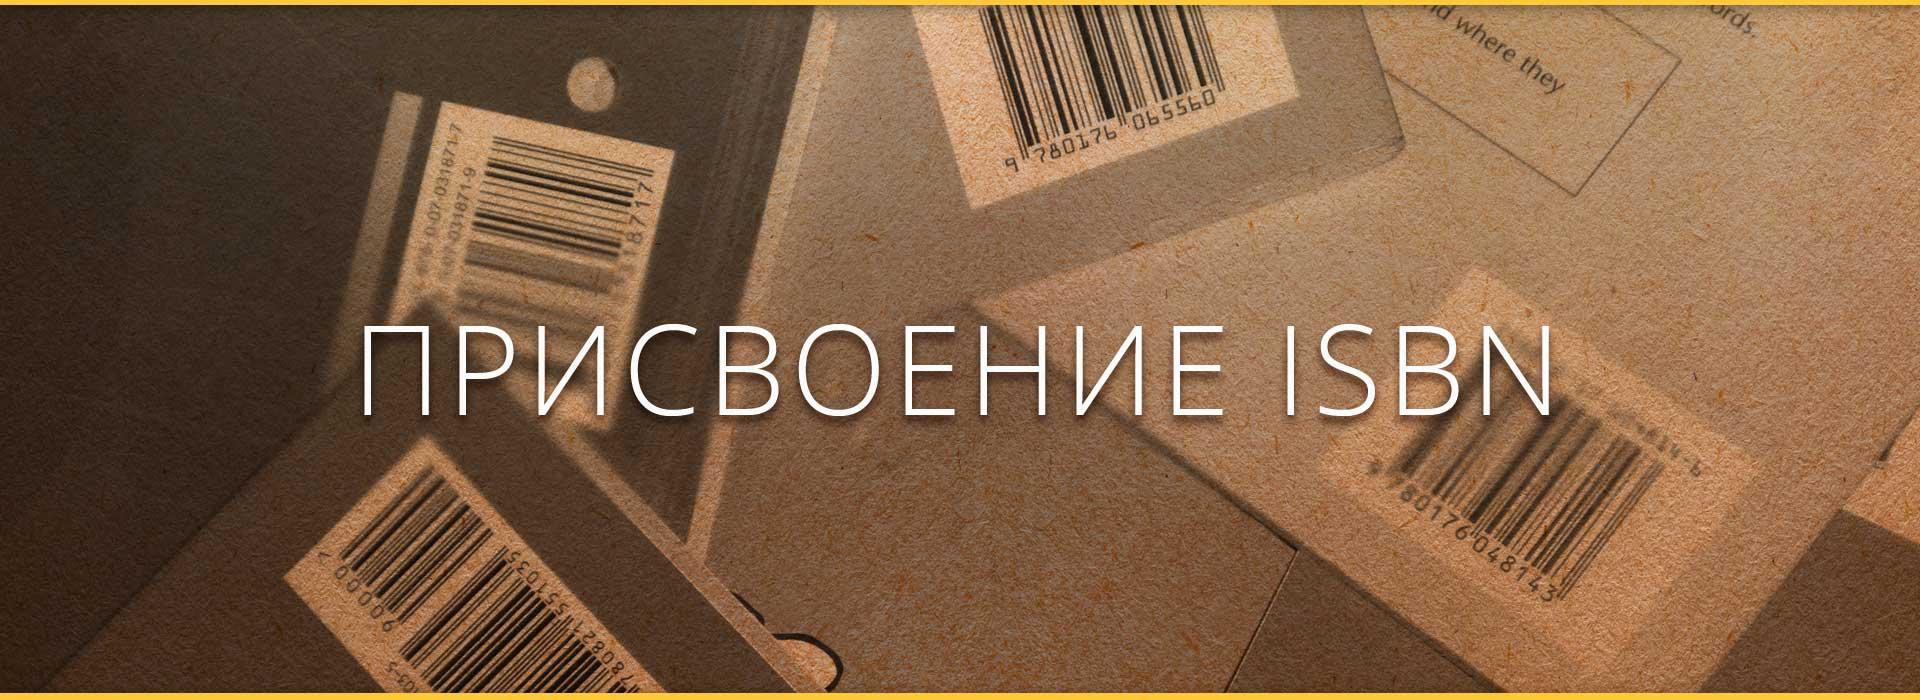 Присвоение ISBN